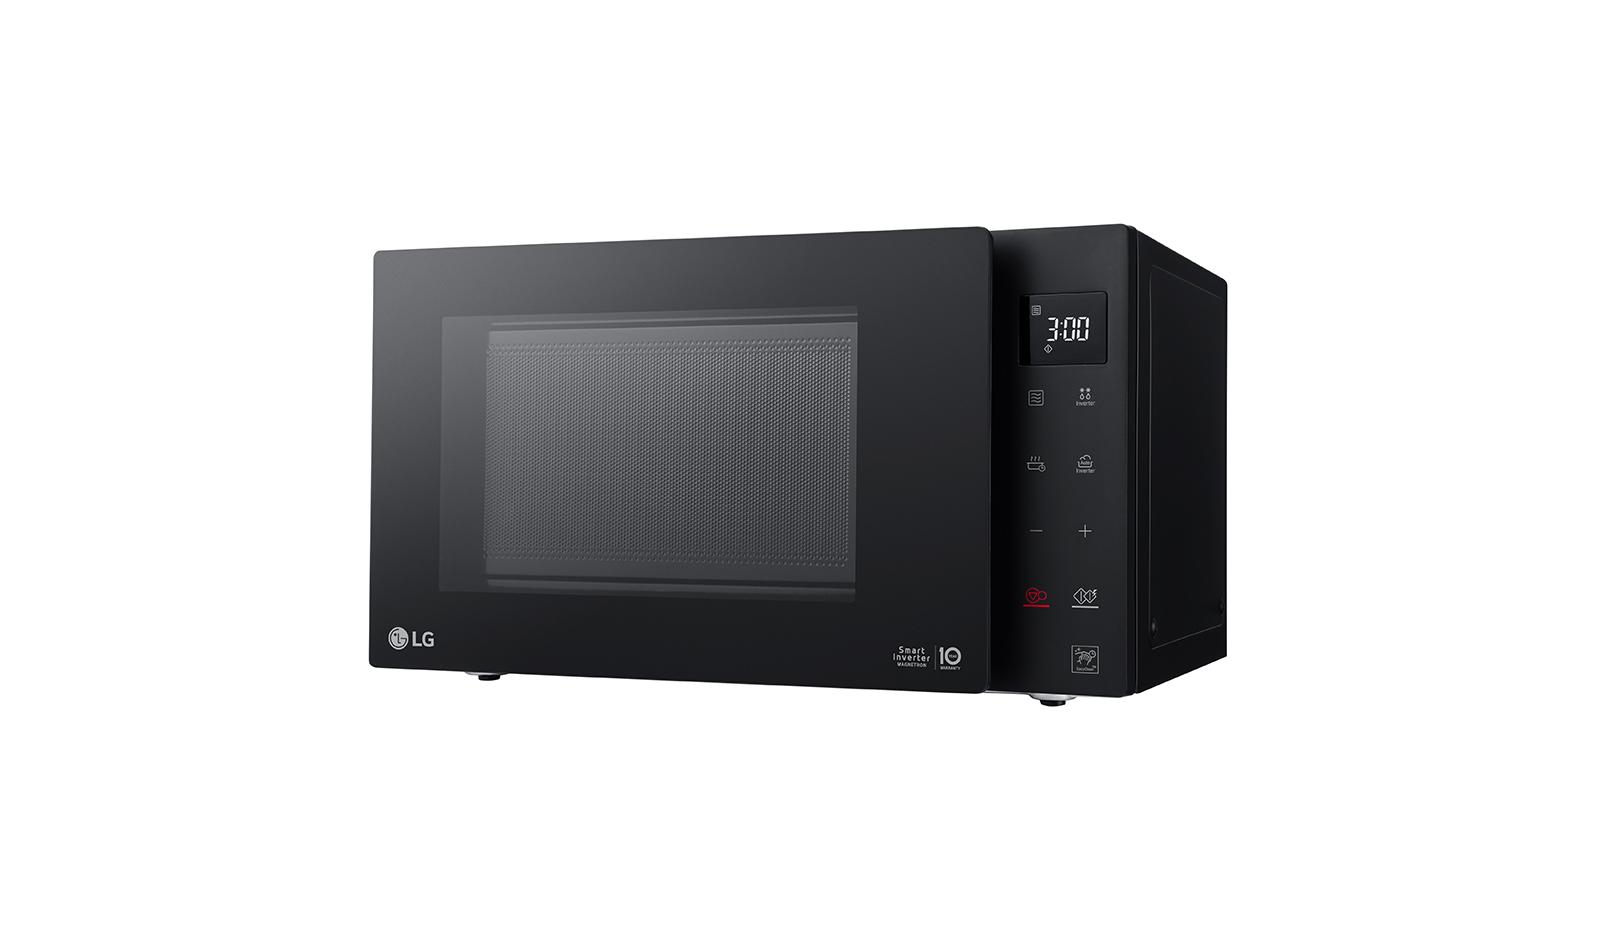 lg microwave 23l ms2336gib